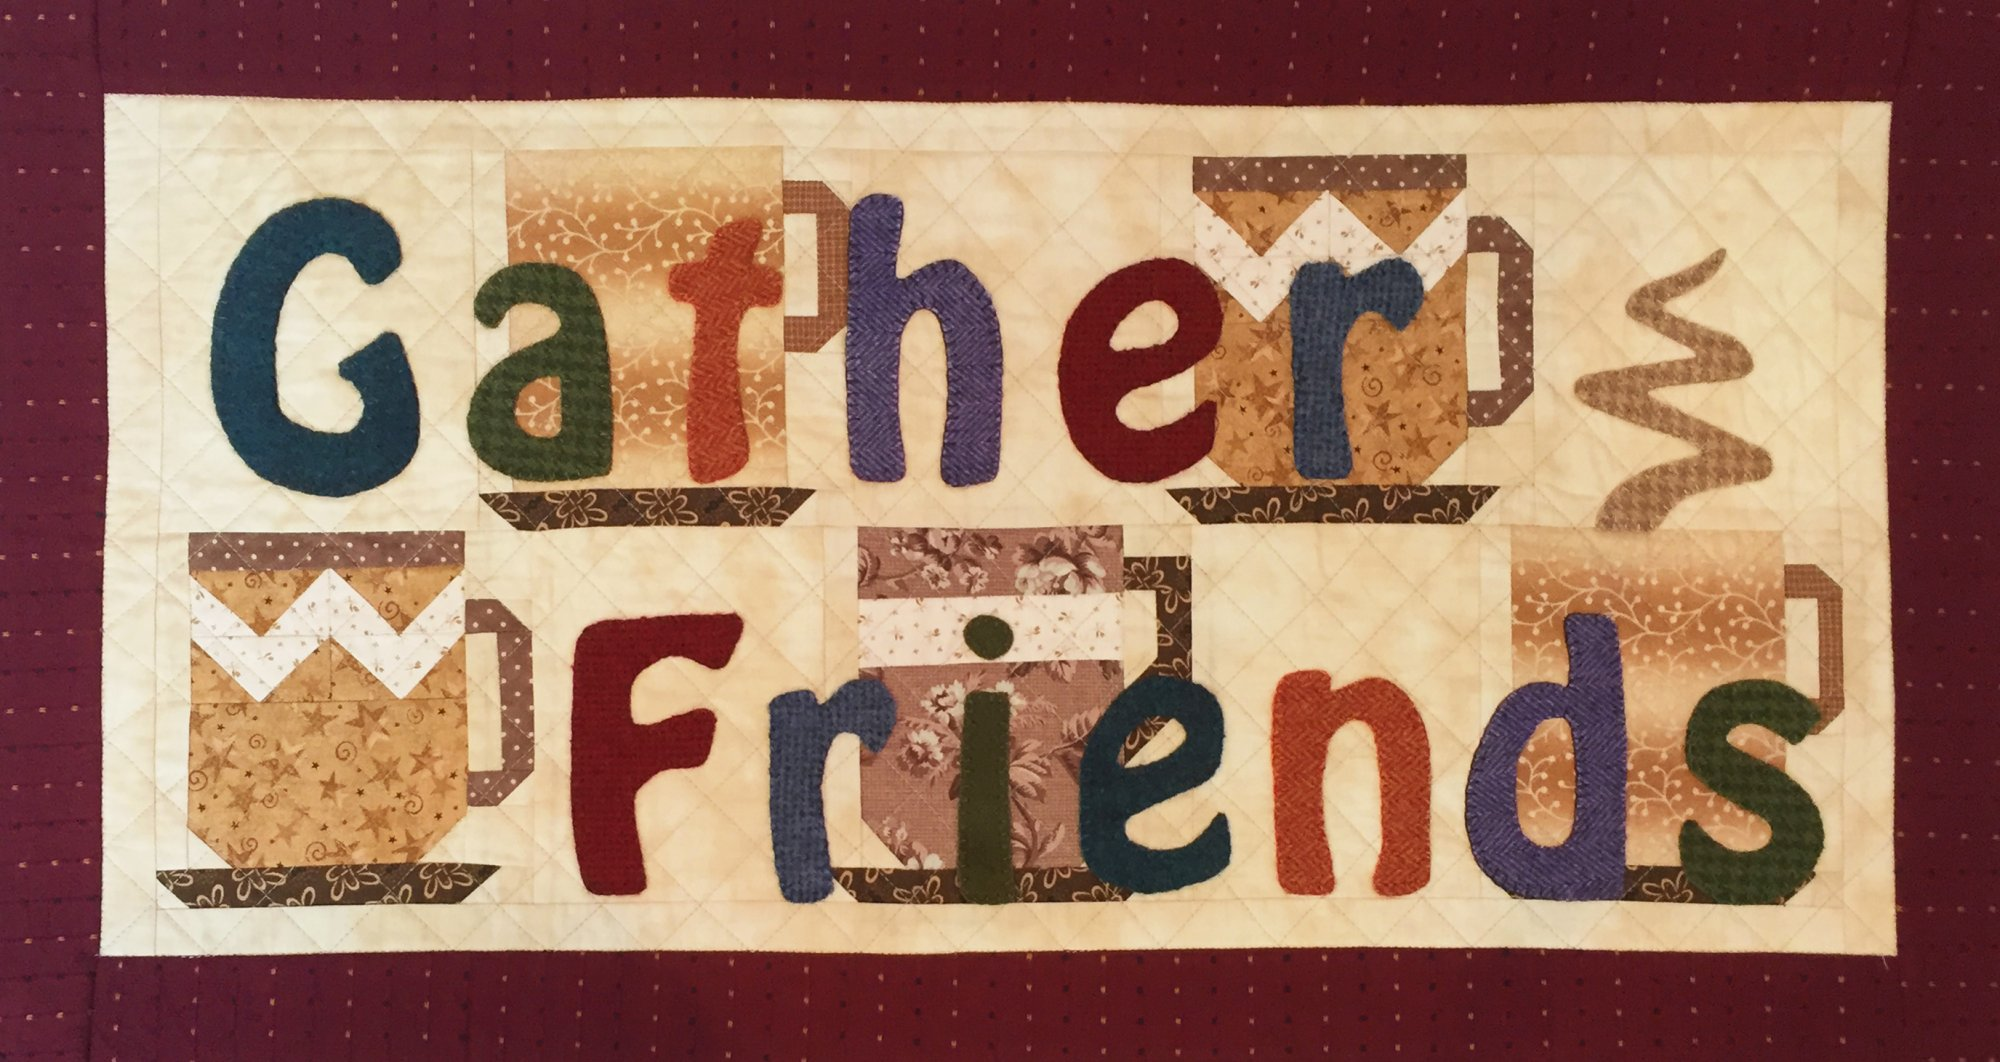 Gather Friends - Row by Row 2019